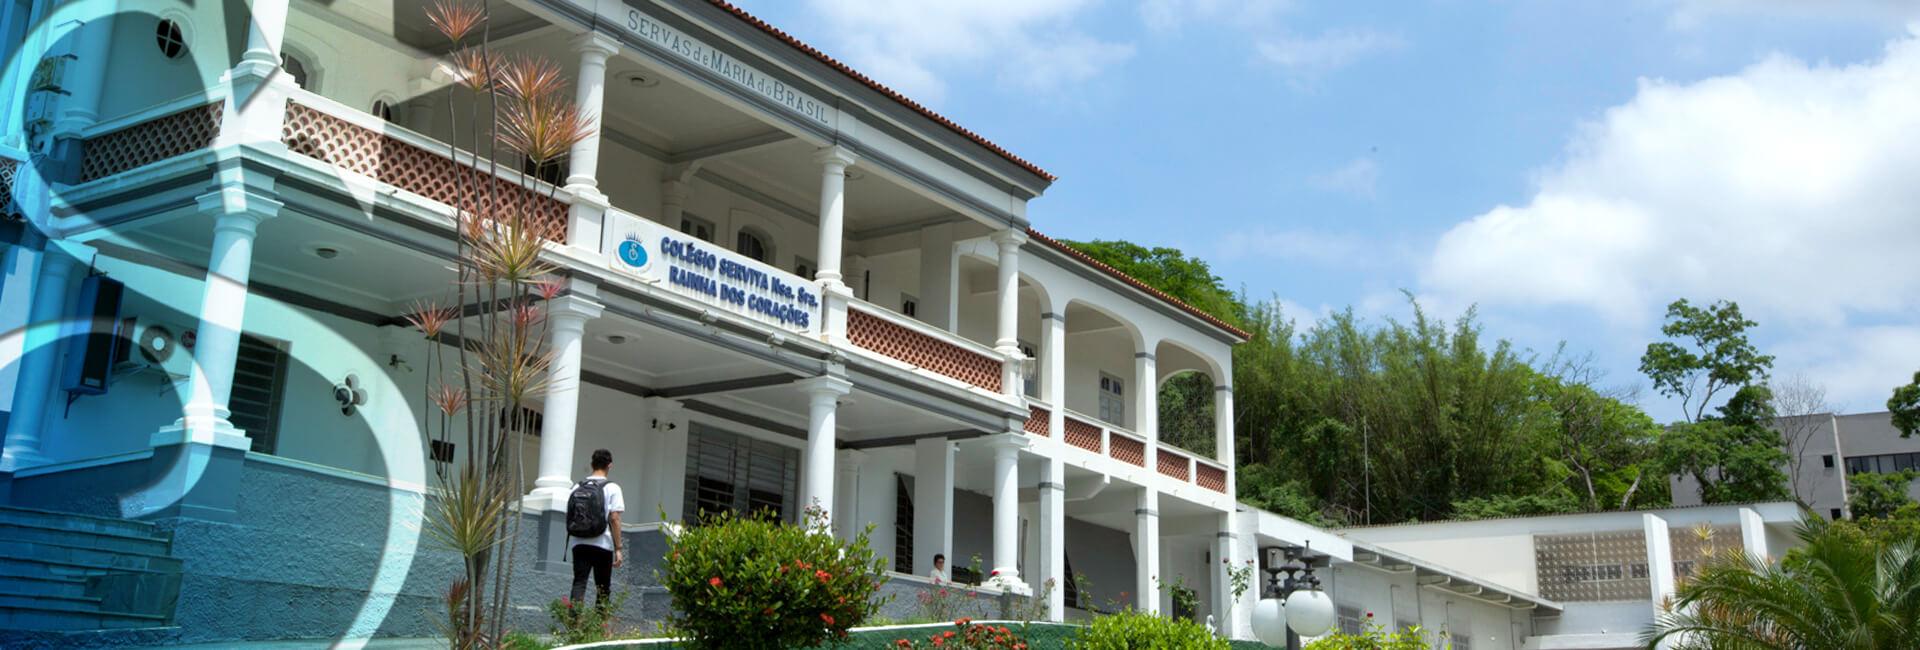 FPSS-Colegio-Rainha-SERVITA